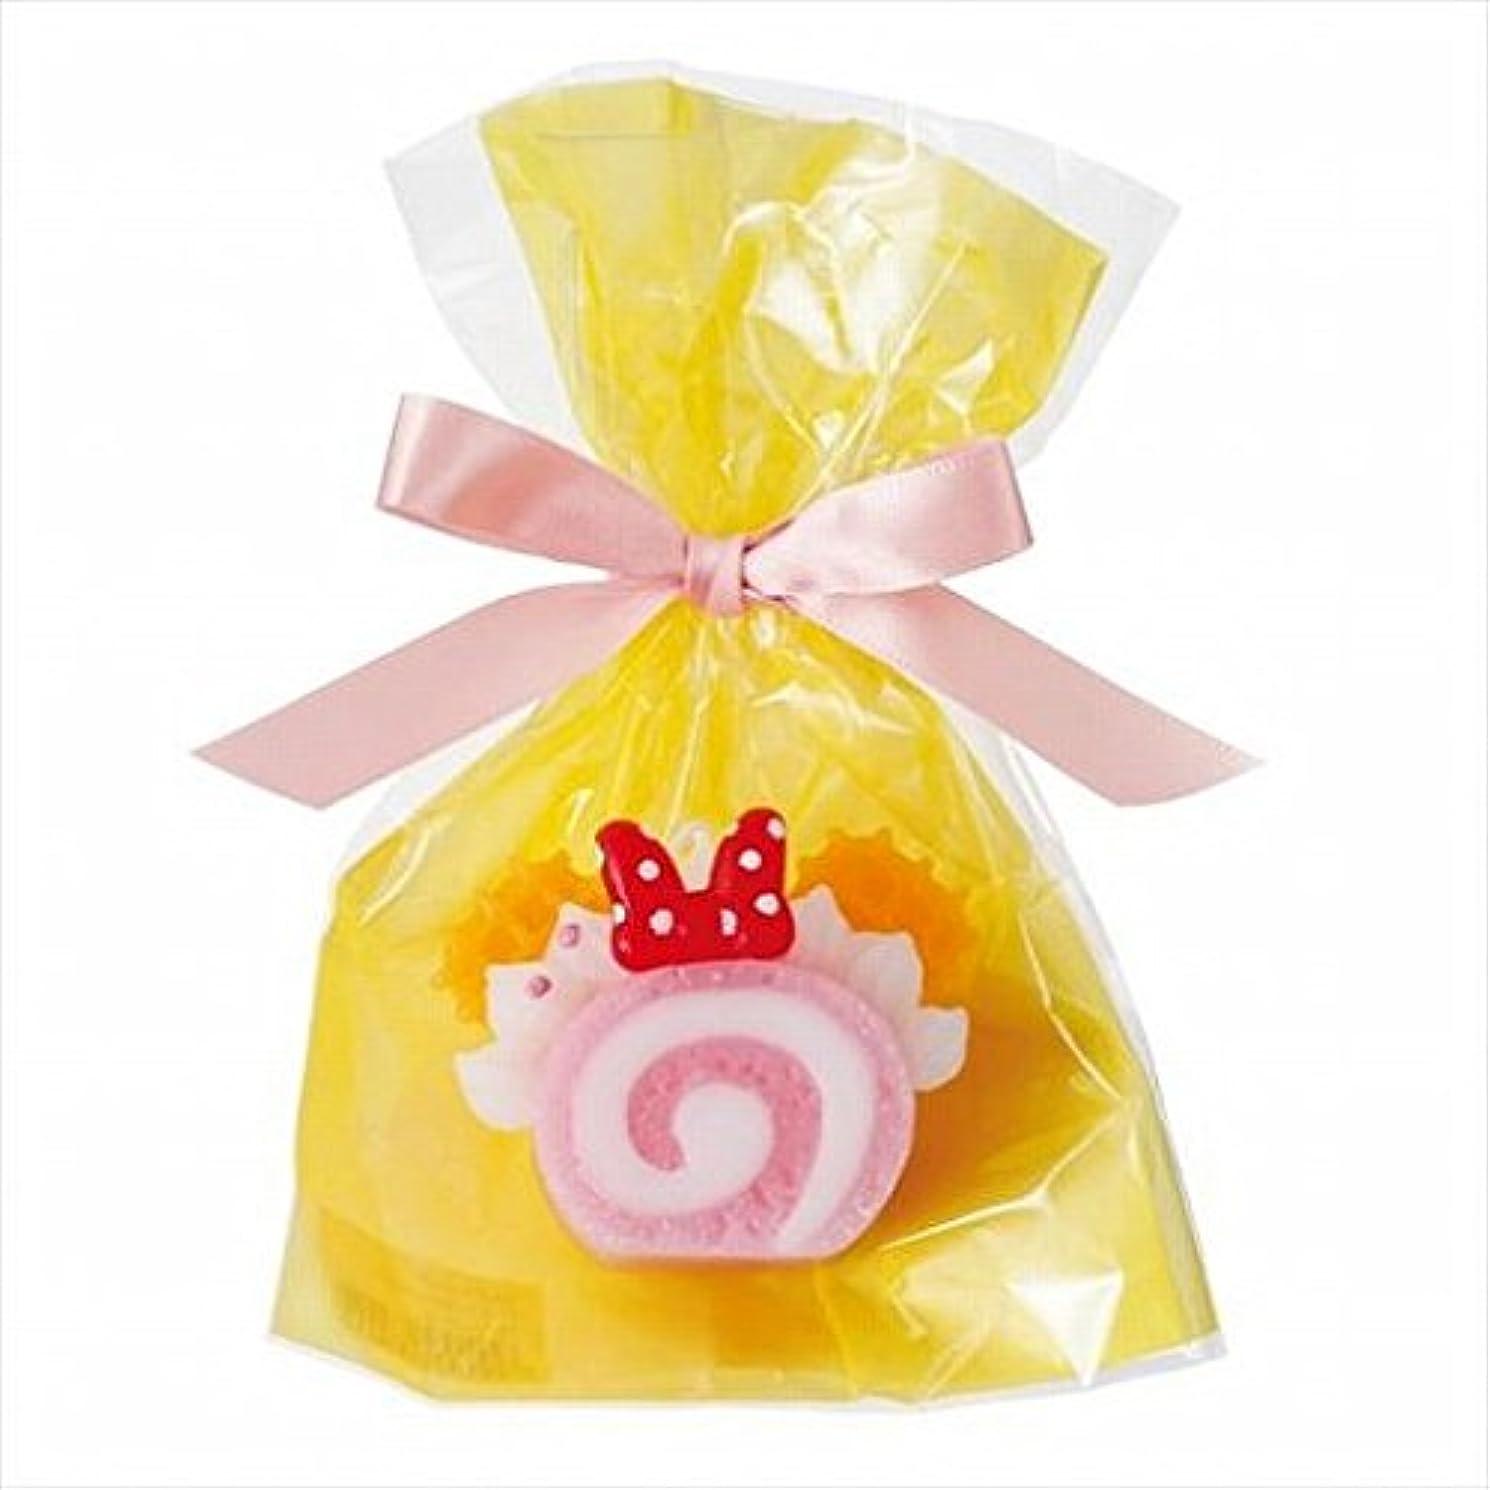 ミュージカル意図する脳sweets candle(スイーツキャンドル) ディズニースイーツキャンドル 「 ピンクロールケーキ 」 キャンドル 55x30x44mm (A4350030)